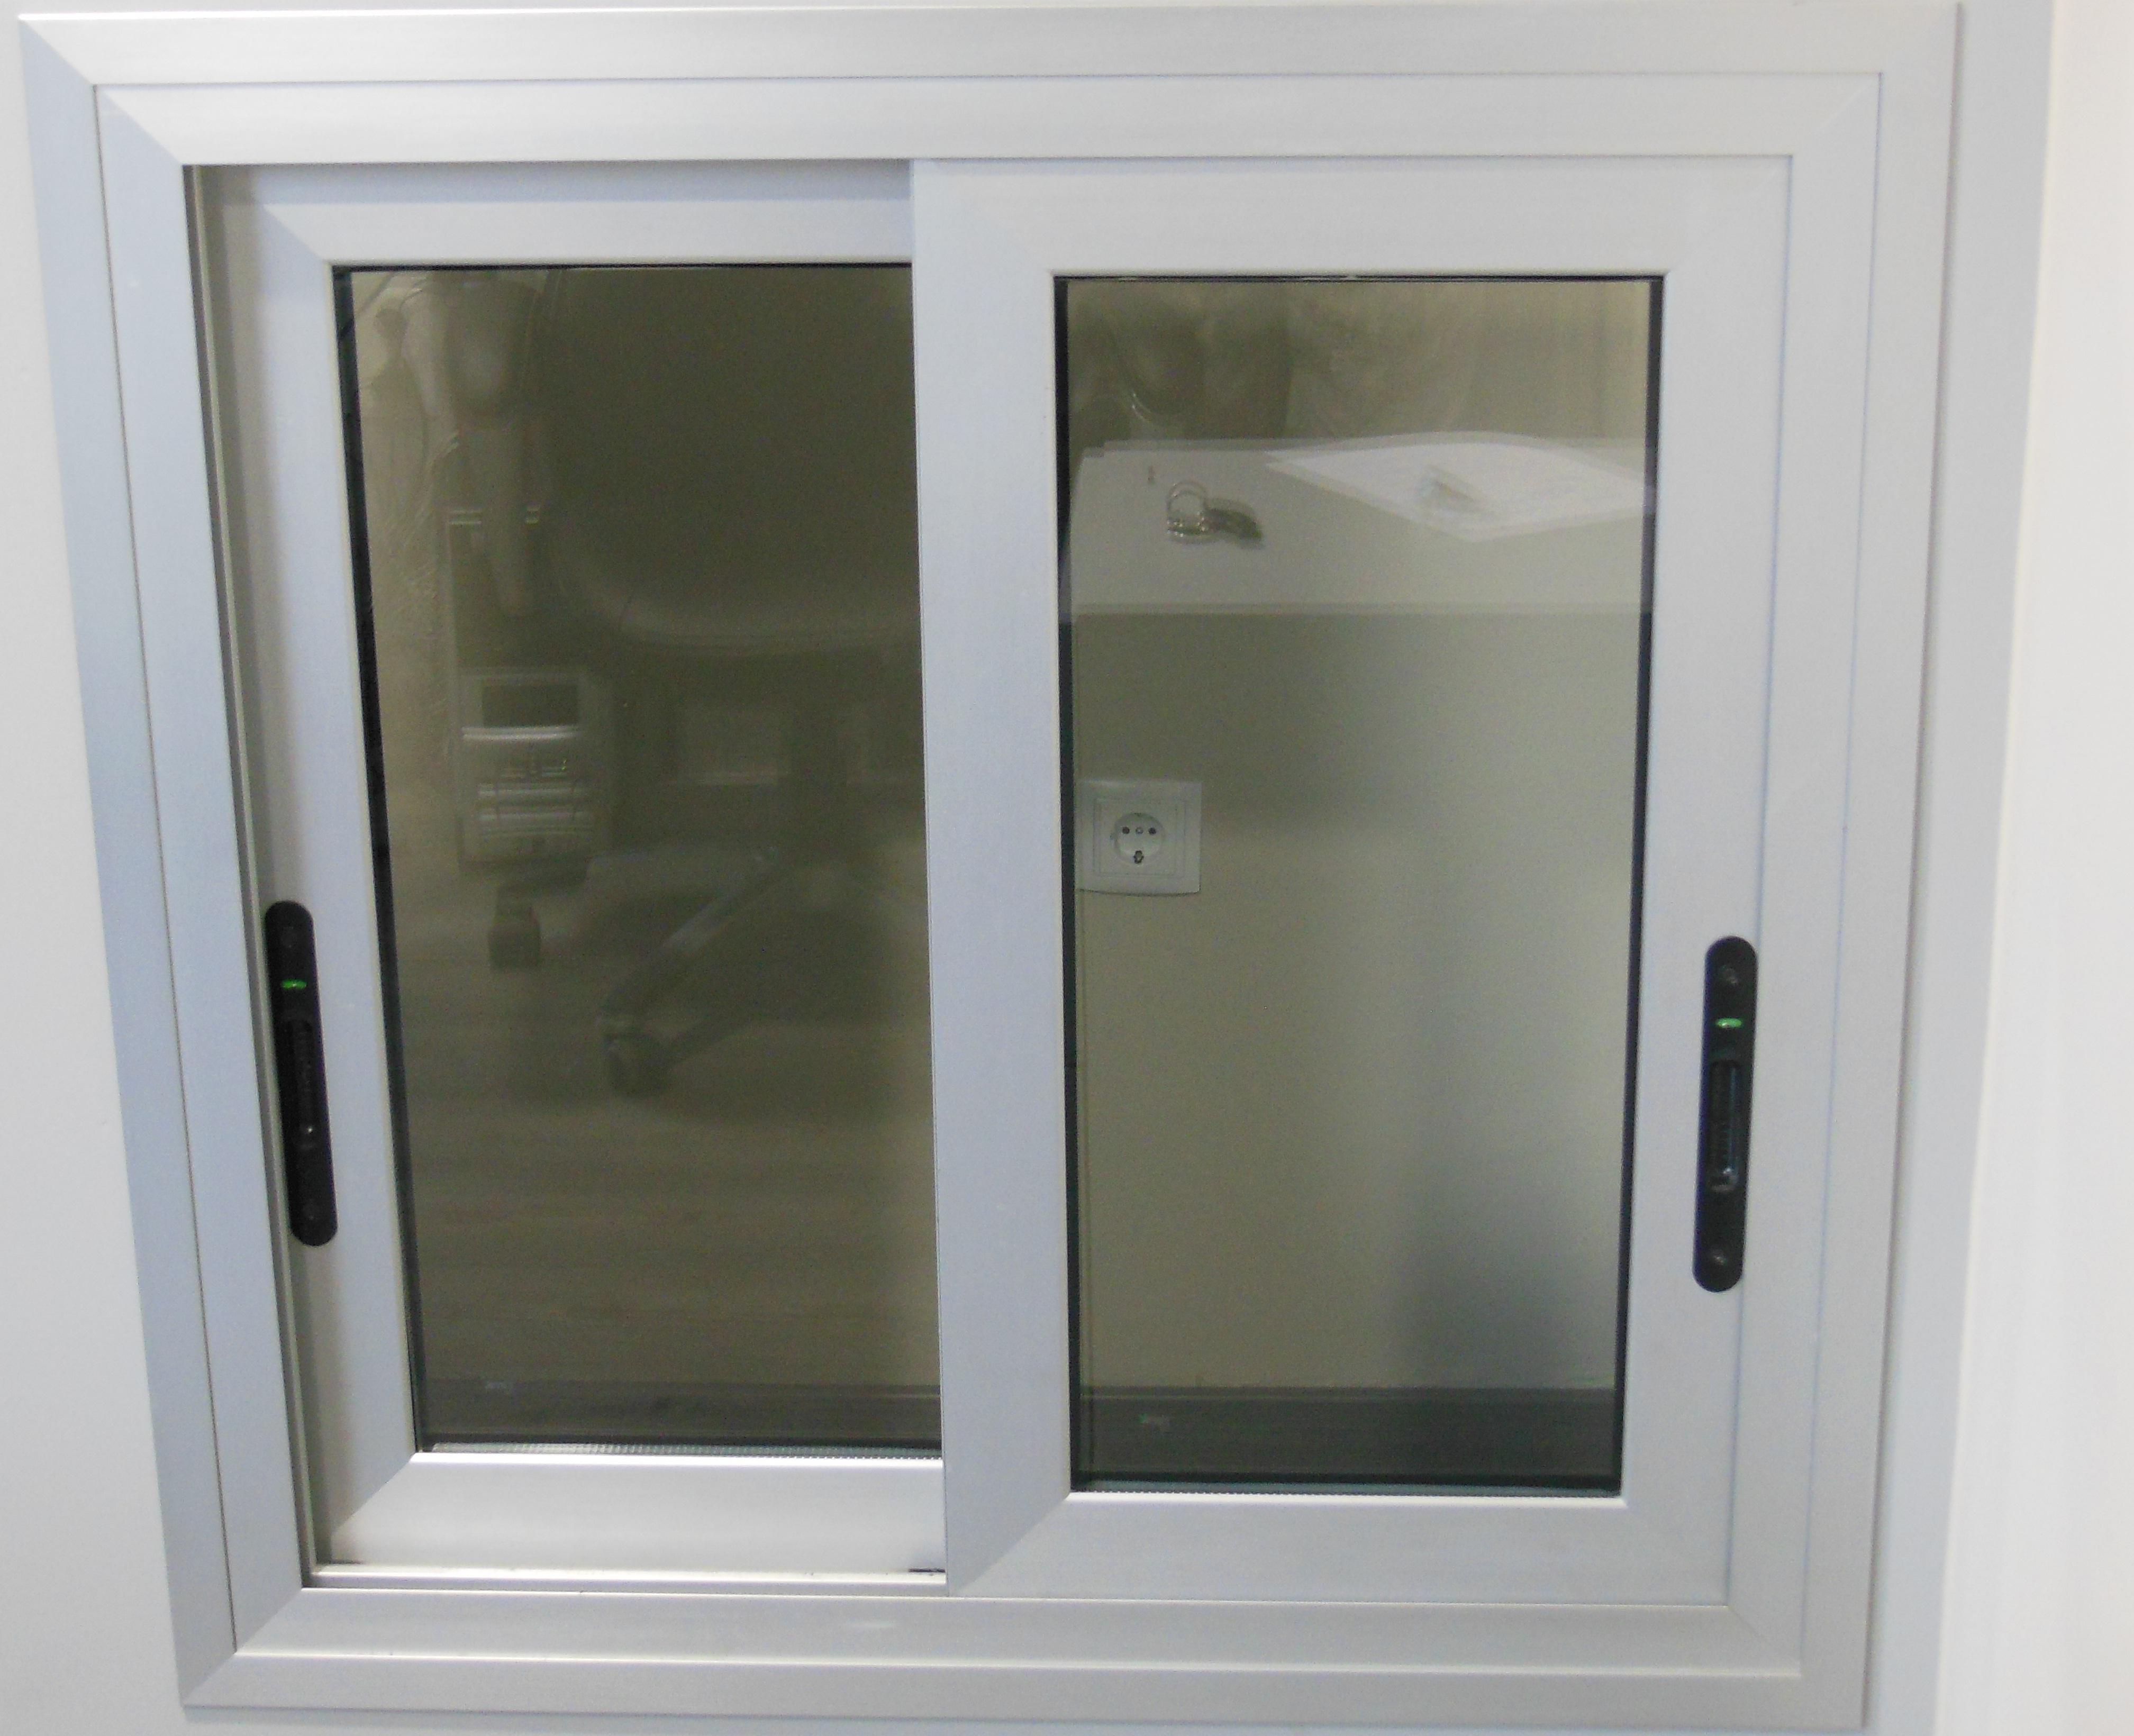 Ventanas de aluminio montajes de aluminio dg for Marcos de ventanas de aluminio